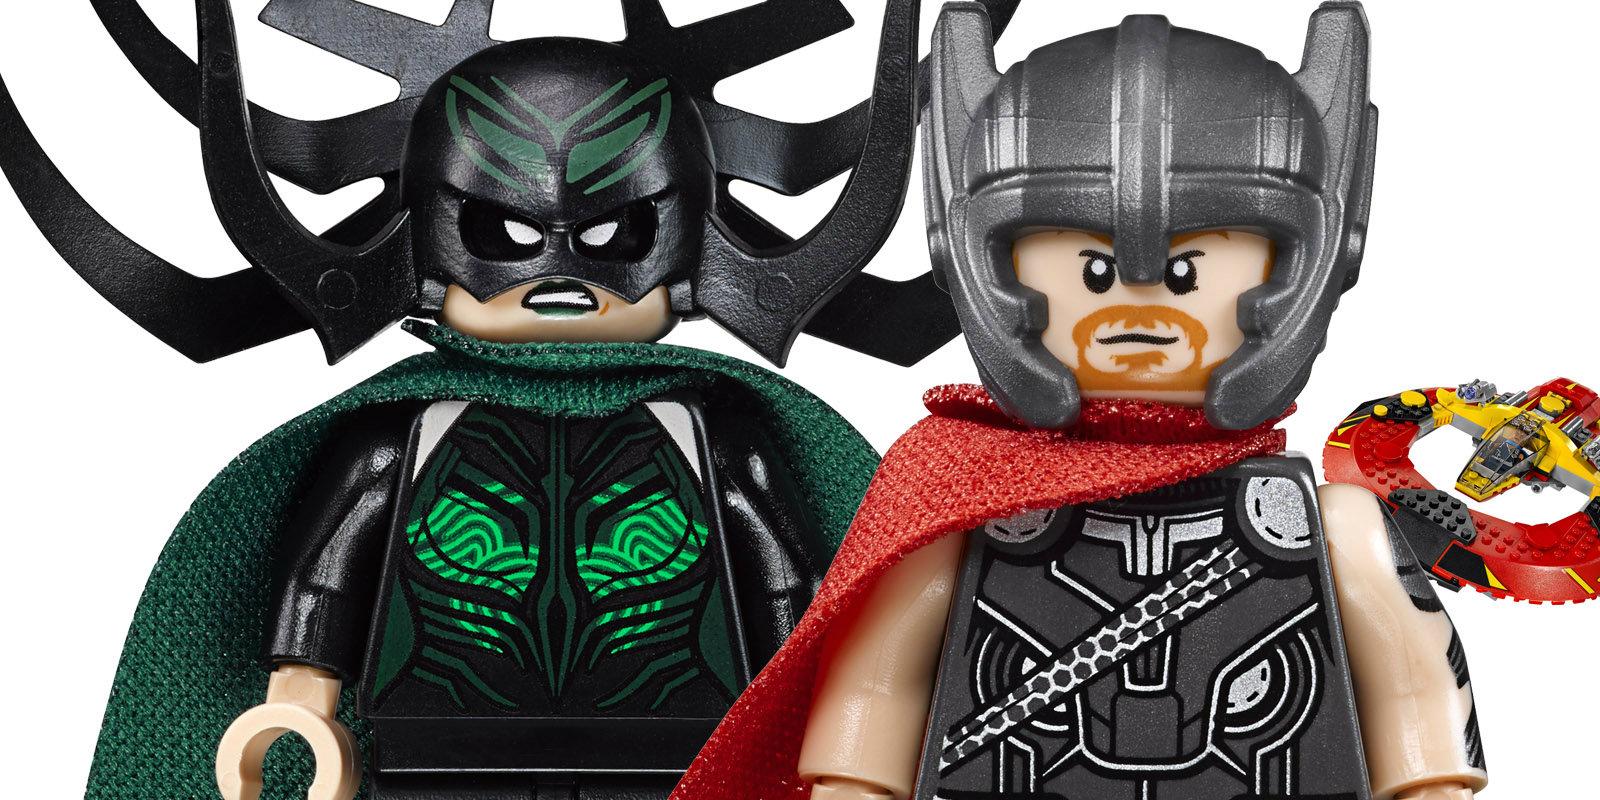 Thor: Ragnarok LEGO Toy Sets Revealed | Screen Rant